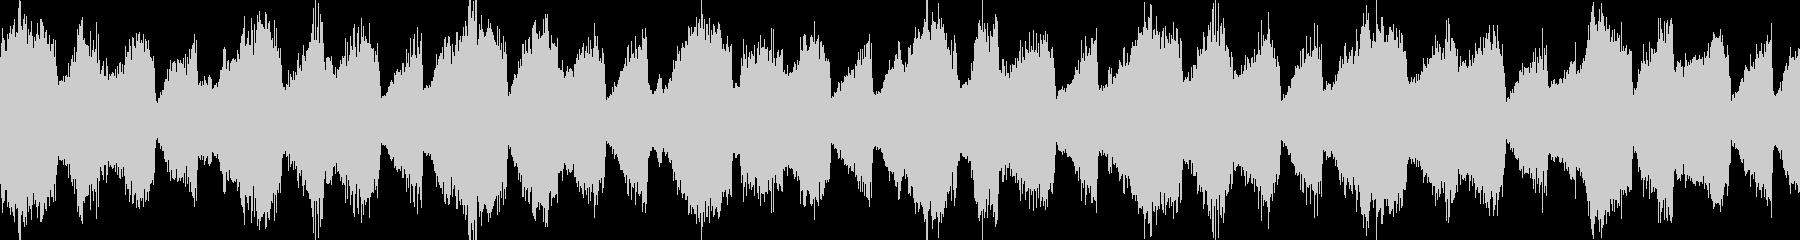 ループする神秘的なBGMの未再生の波形